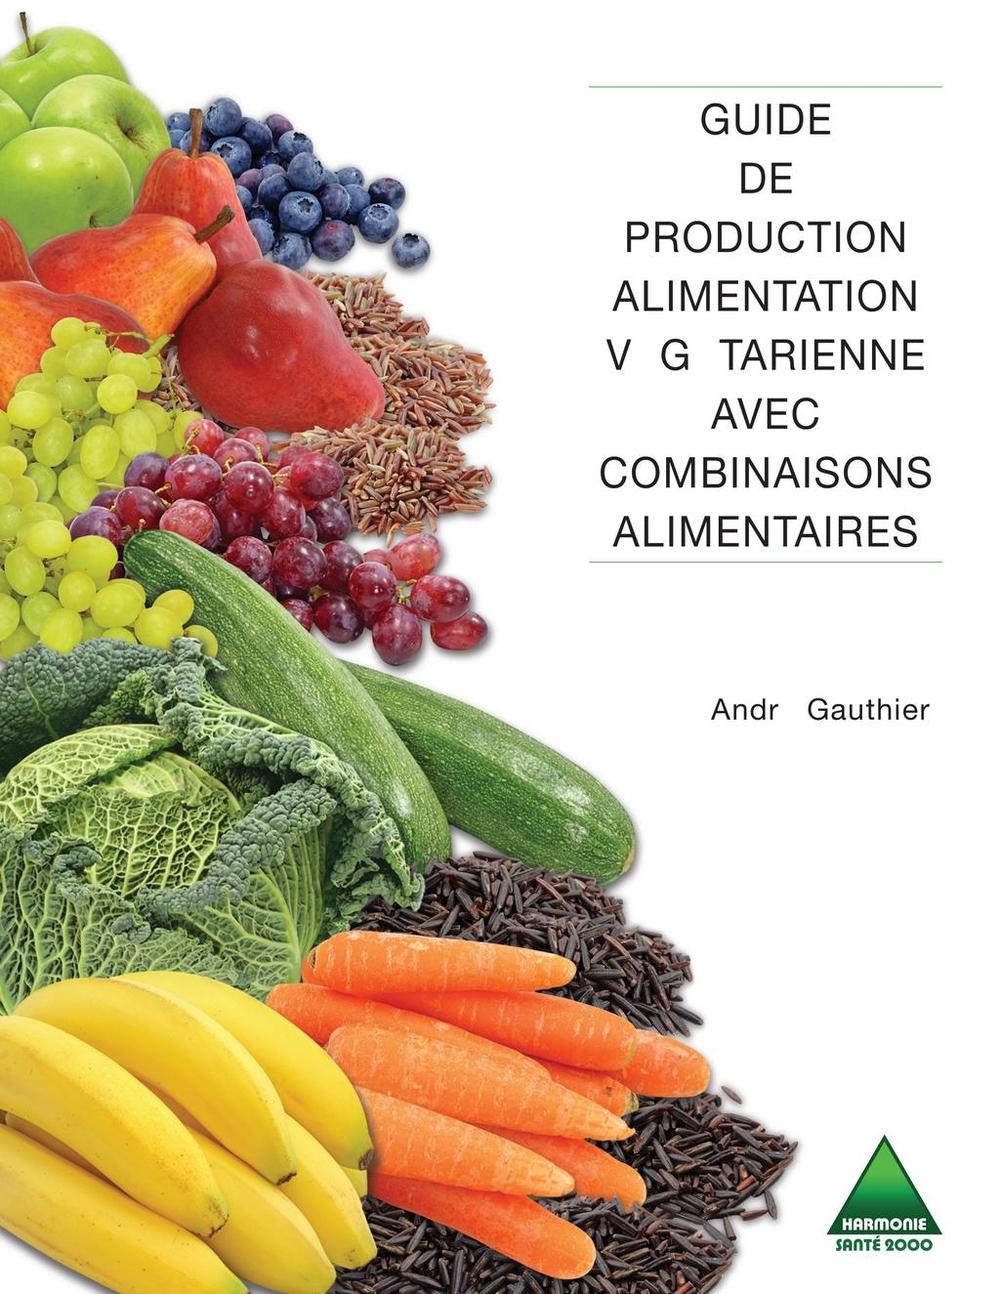 Guide de production alimentation végétarienne avec combinaisons alimentaires